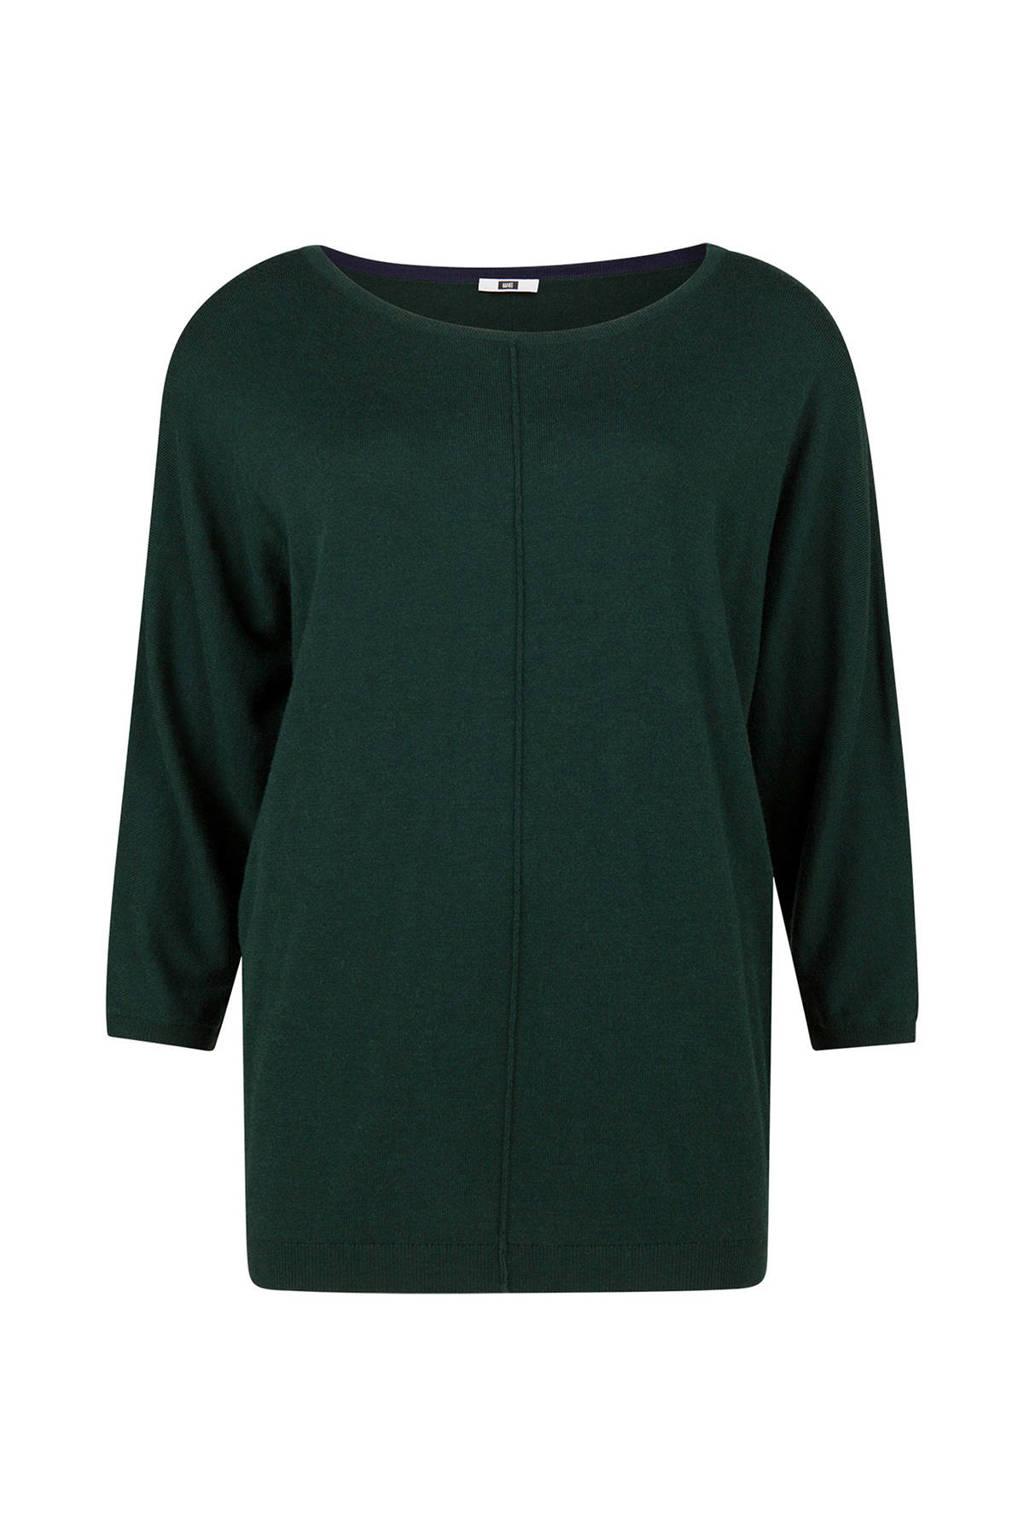 WE Fashion trui groen, Groen